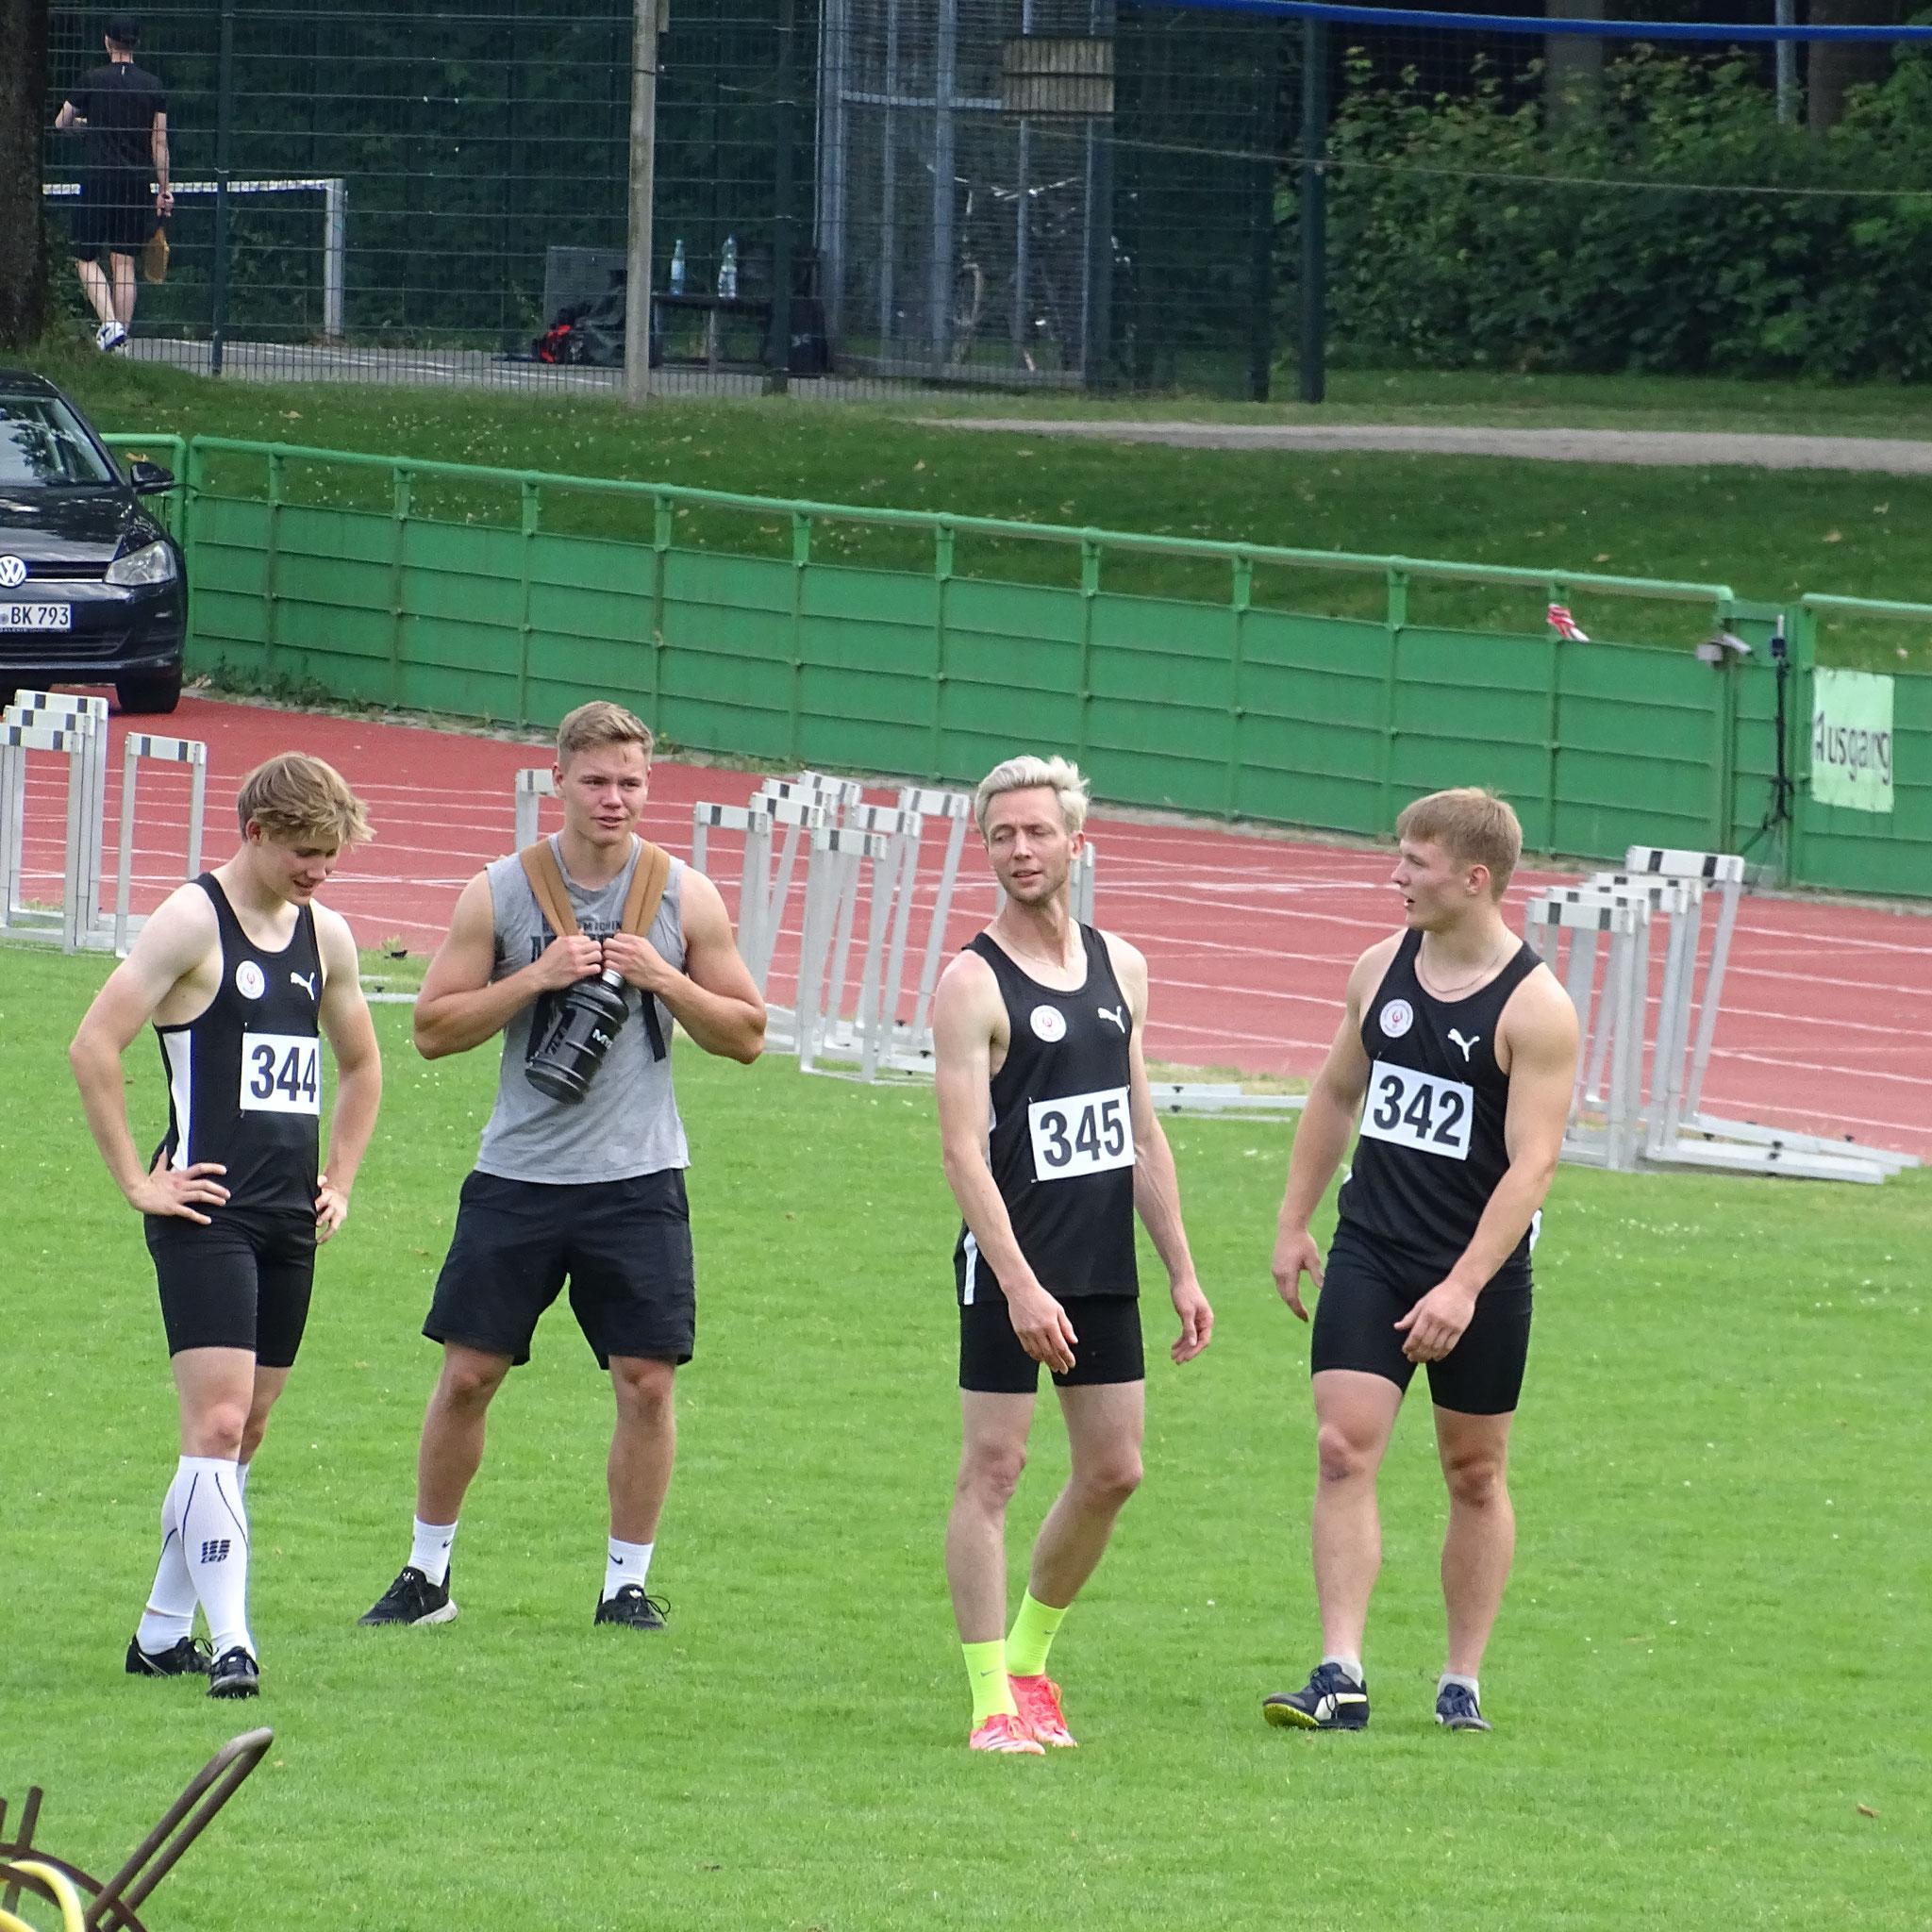 Tim Haufe, Rene Menk, Duncan Brune